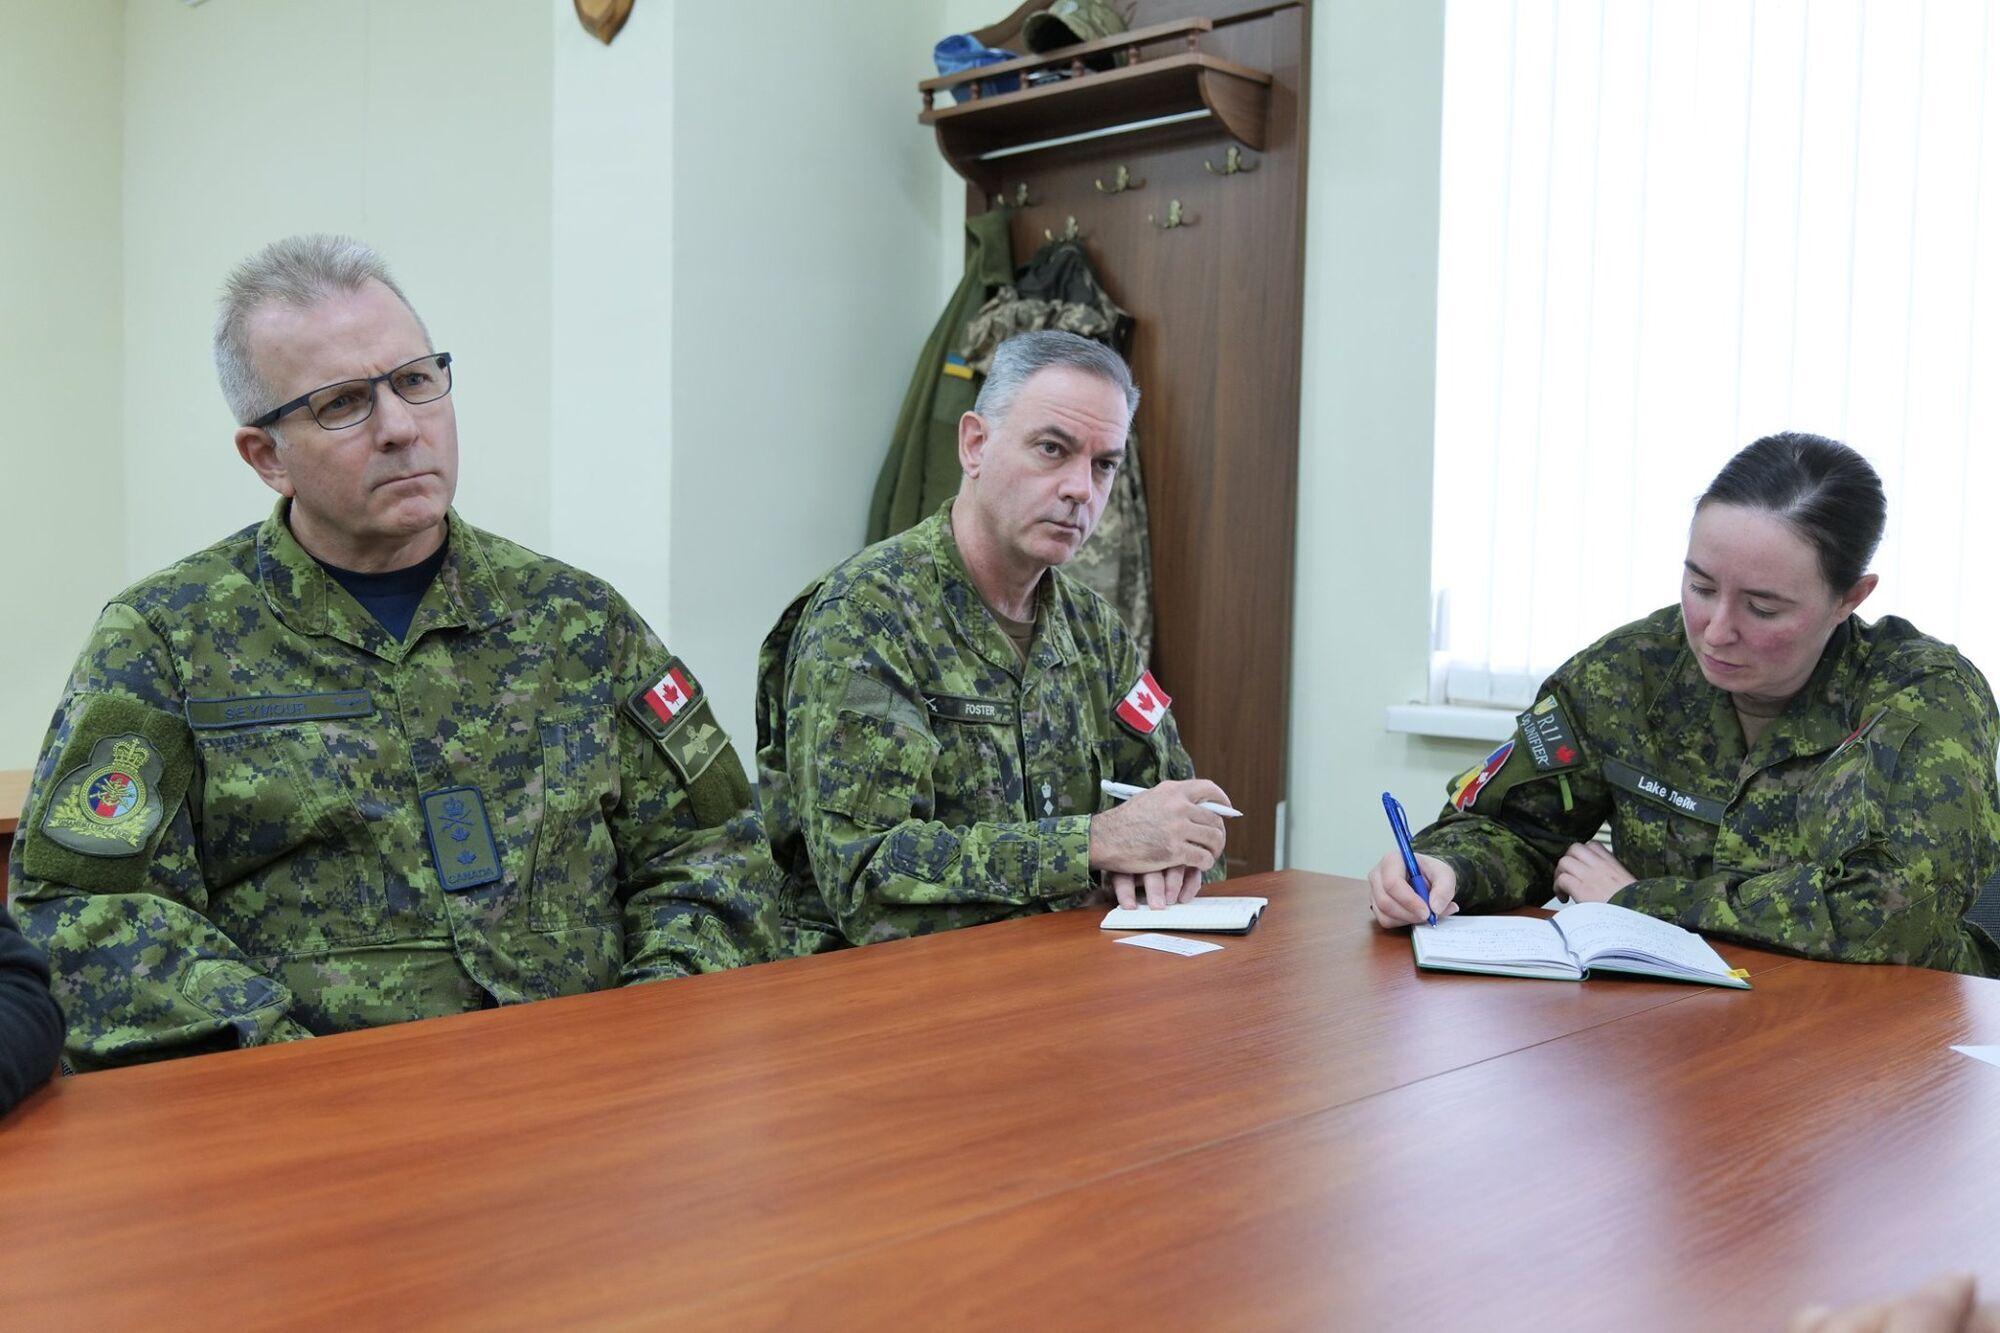 Канадського колегу поінформували про поточну воєнну ситуацію навколо України.